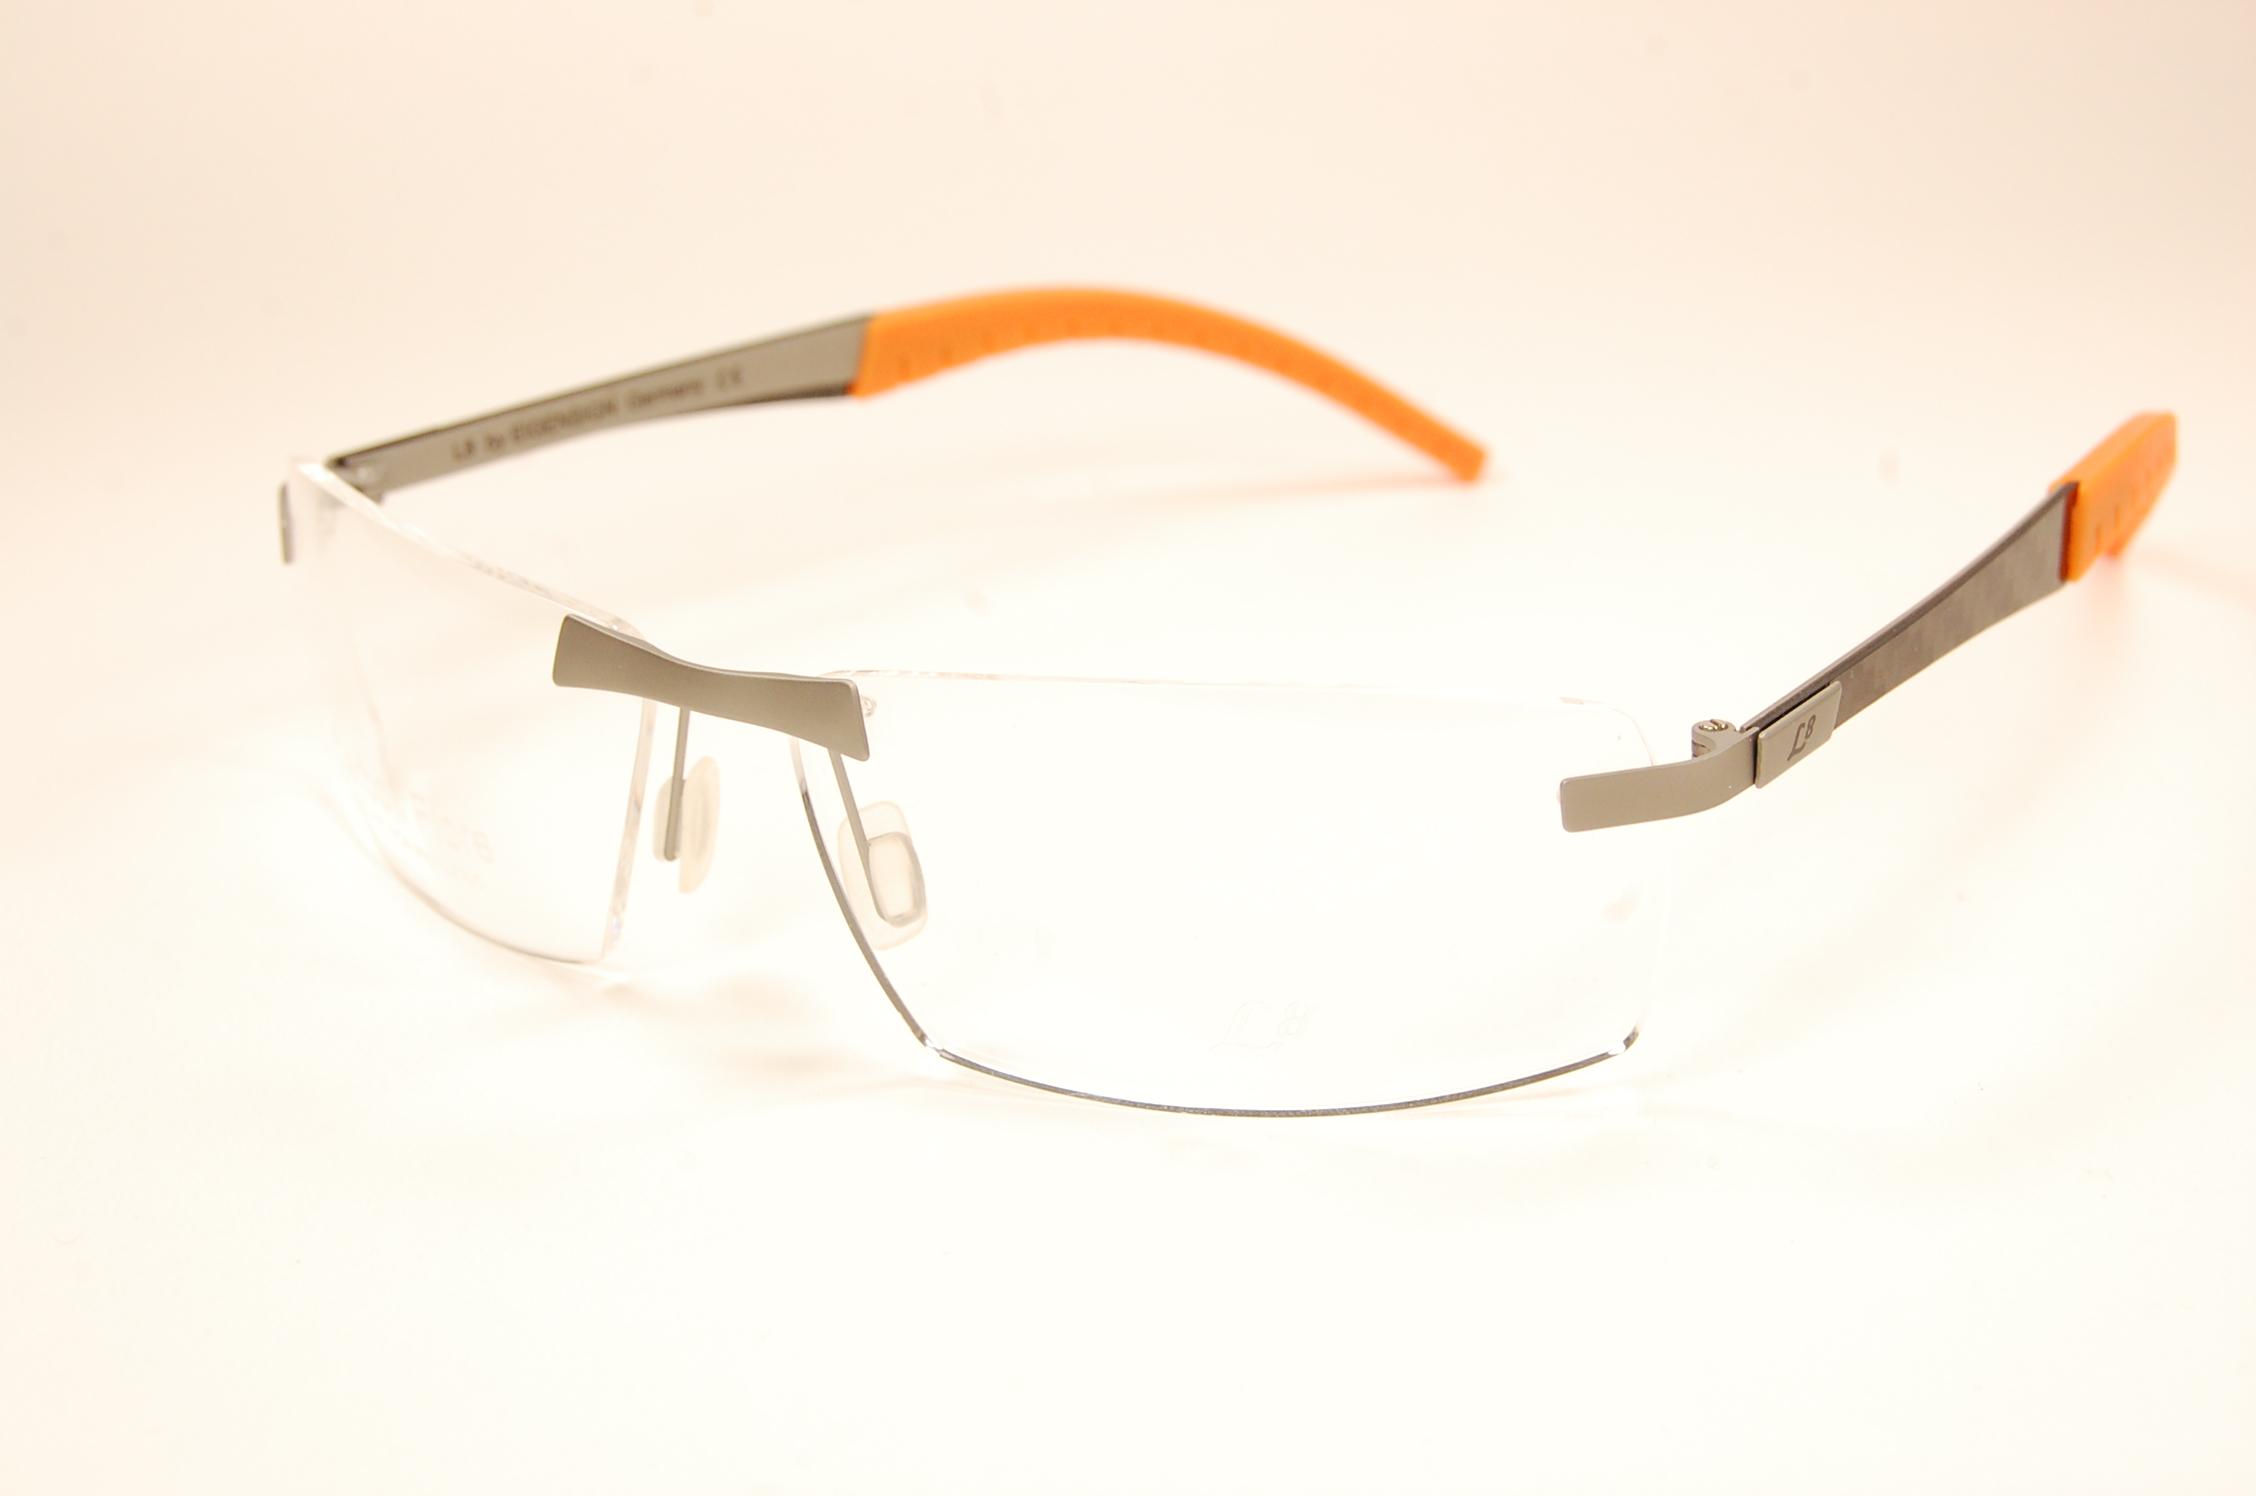 Eigensien lunettes galbées OPTIQUE 10/10